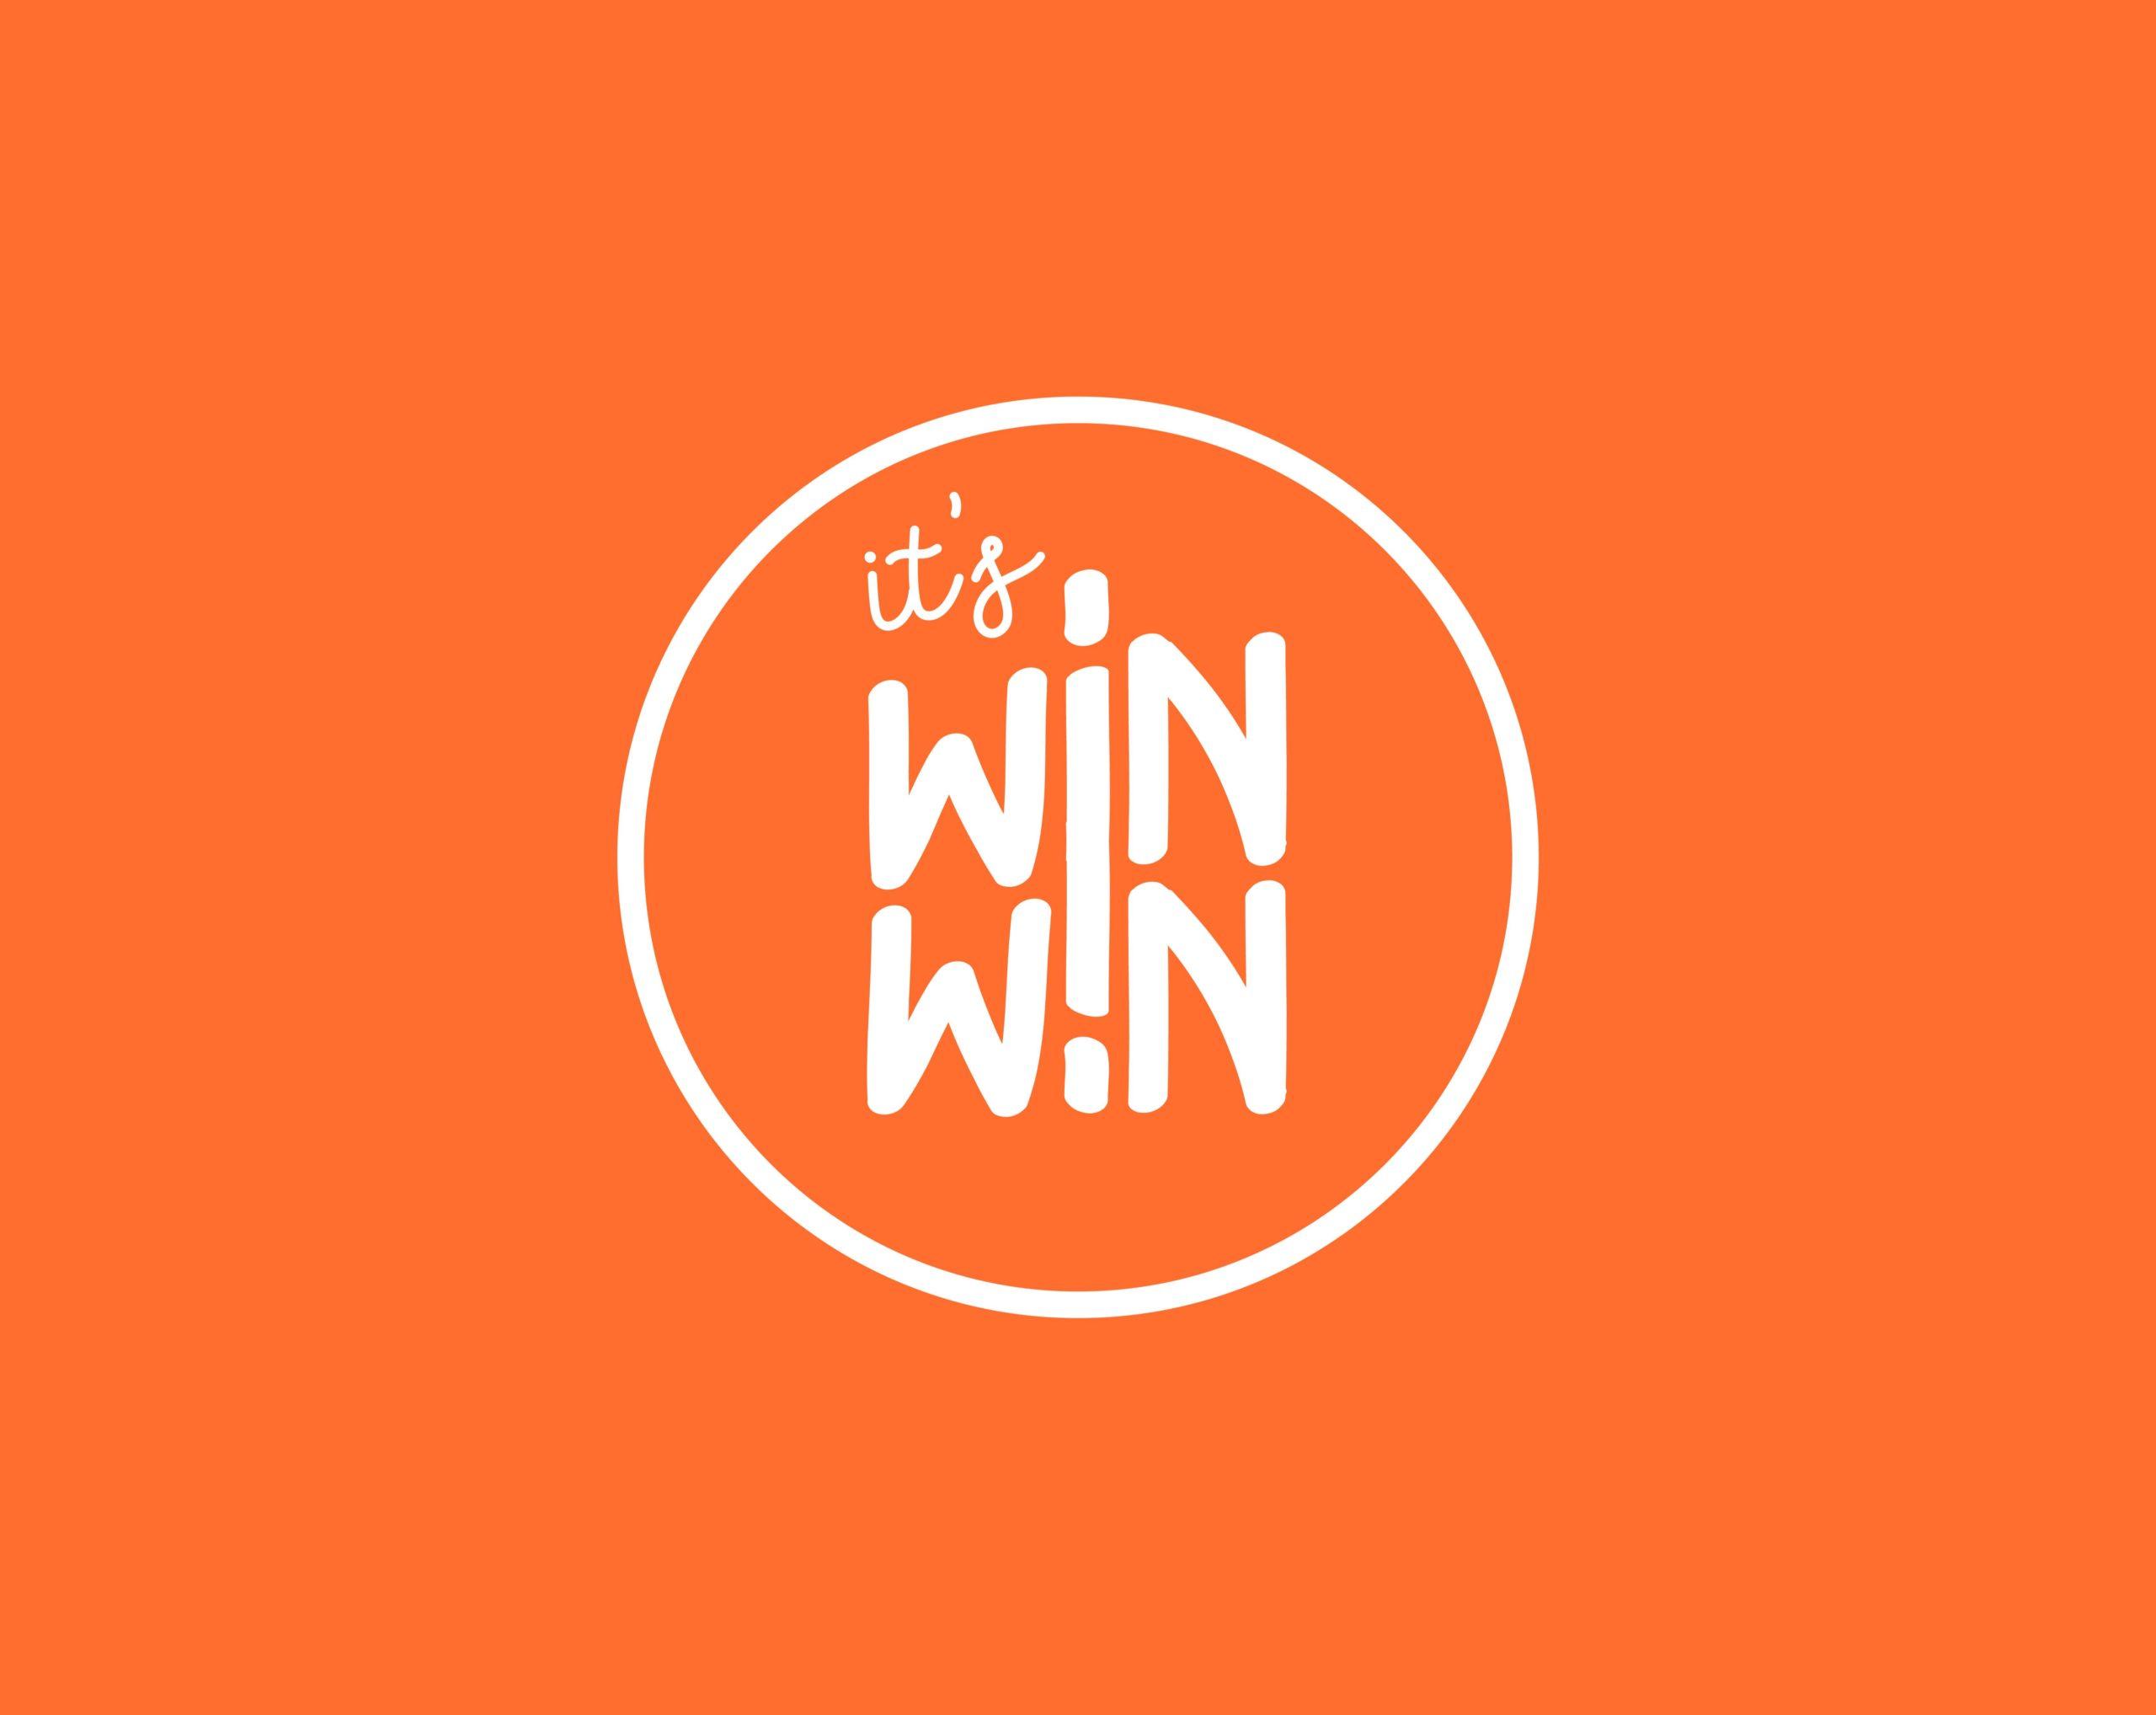 Chambre de Commerce - WinWin - Campagne apprentissage